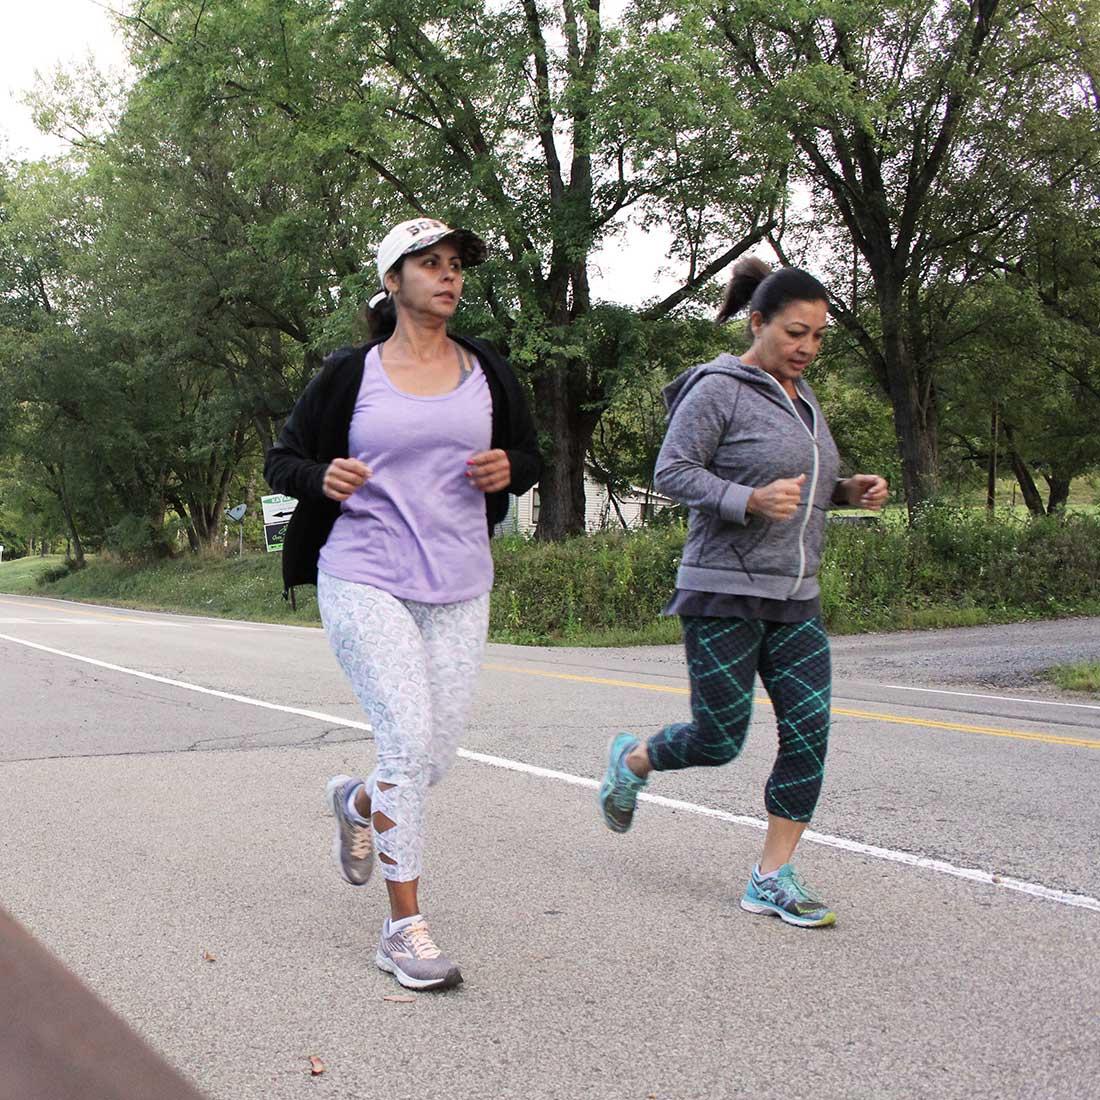 North Park joggers